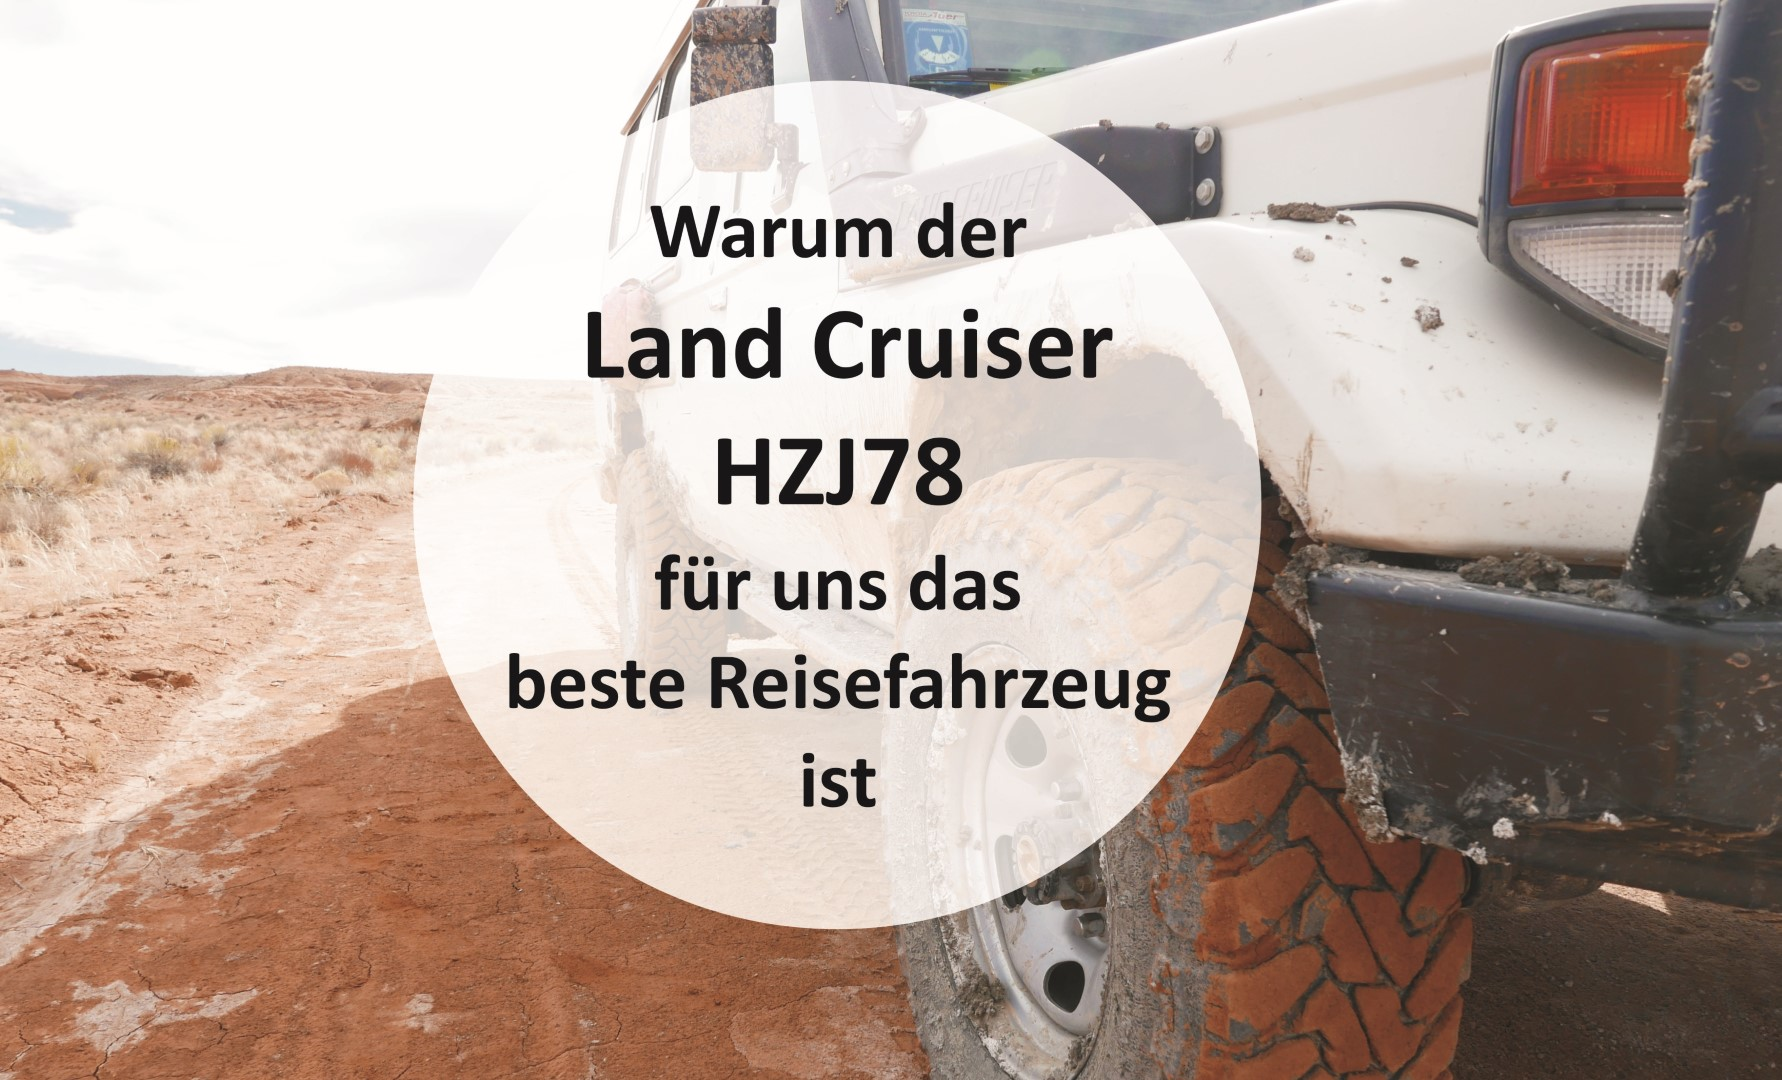 Warum ein Land Cruiser HZJ78 für uns das beste Reisefahrzeug ist